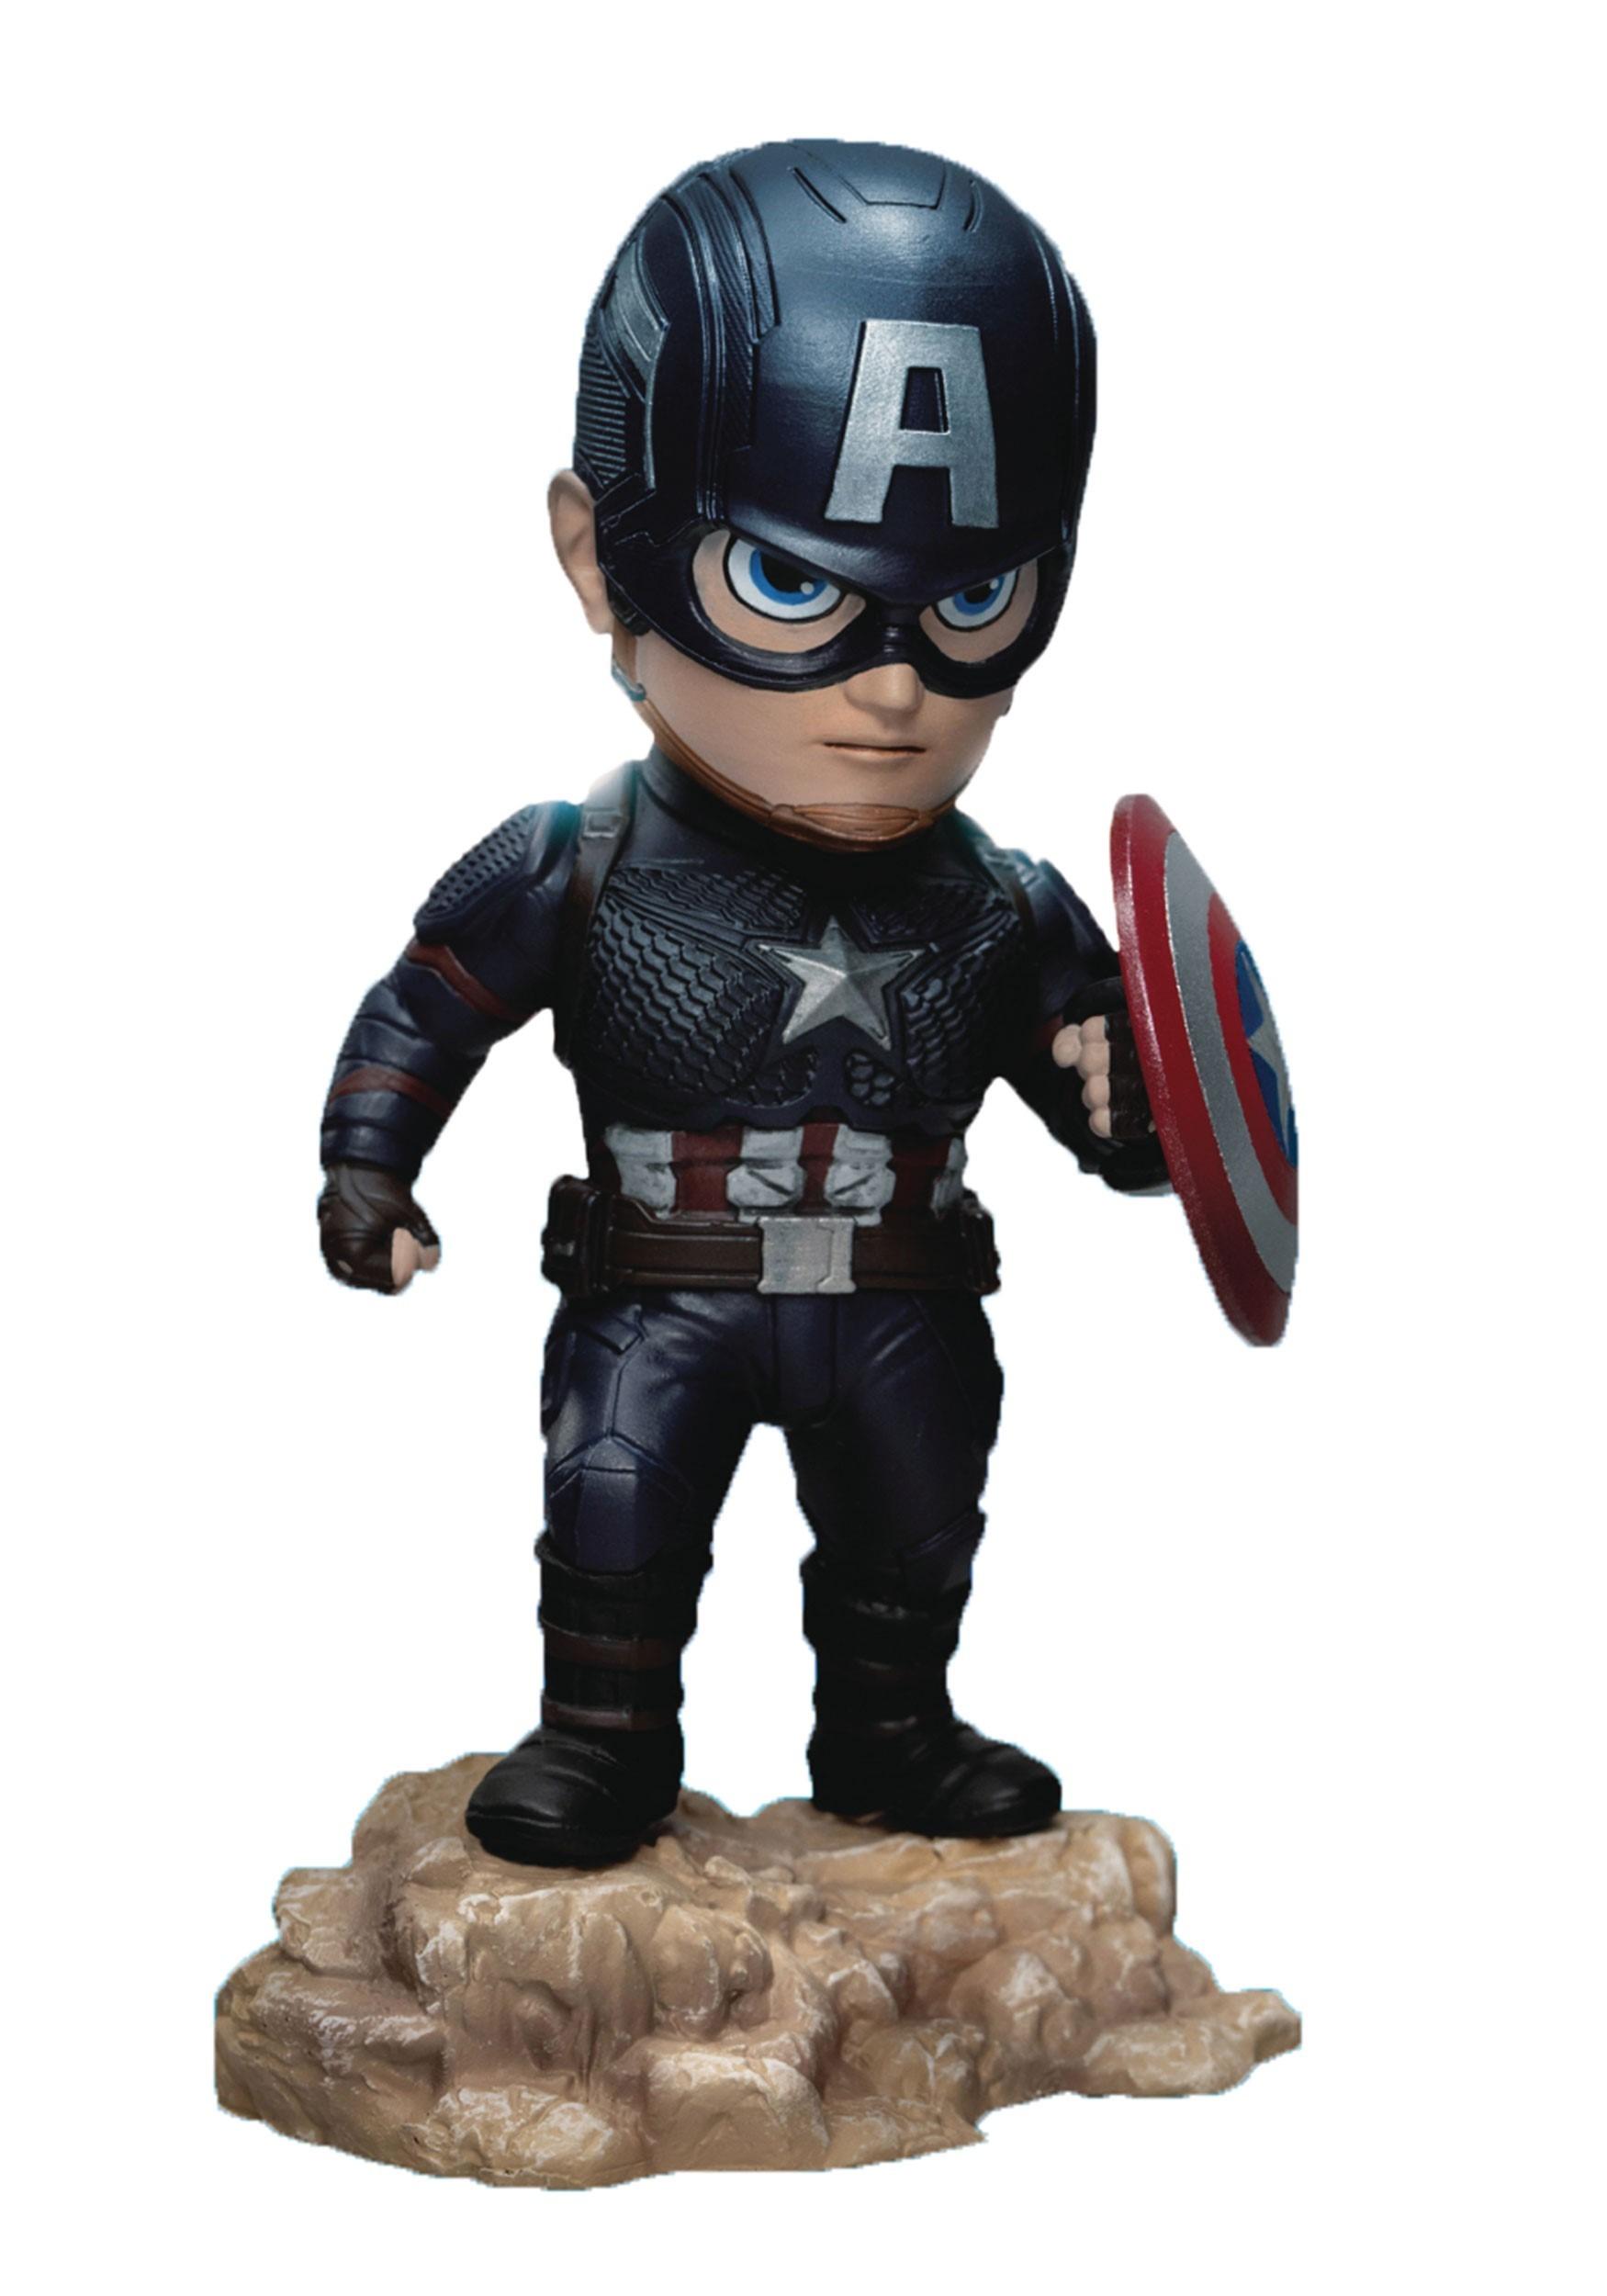 Marvel Avengers: Endgame Captain America Beast Kingdom PX Figure